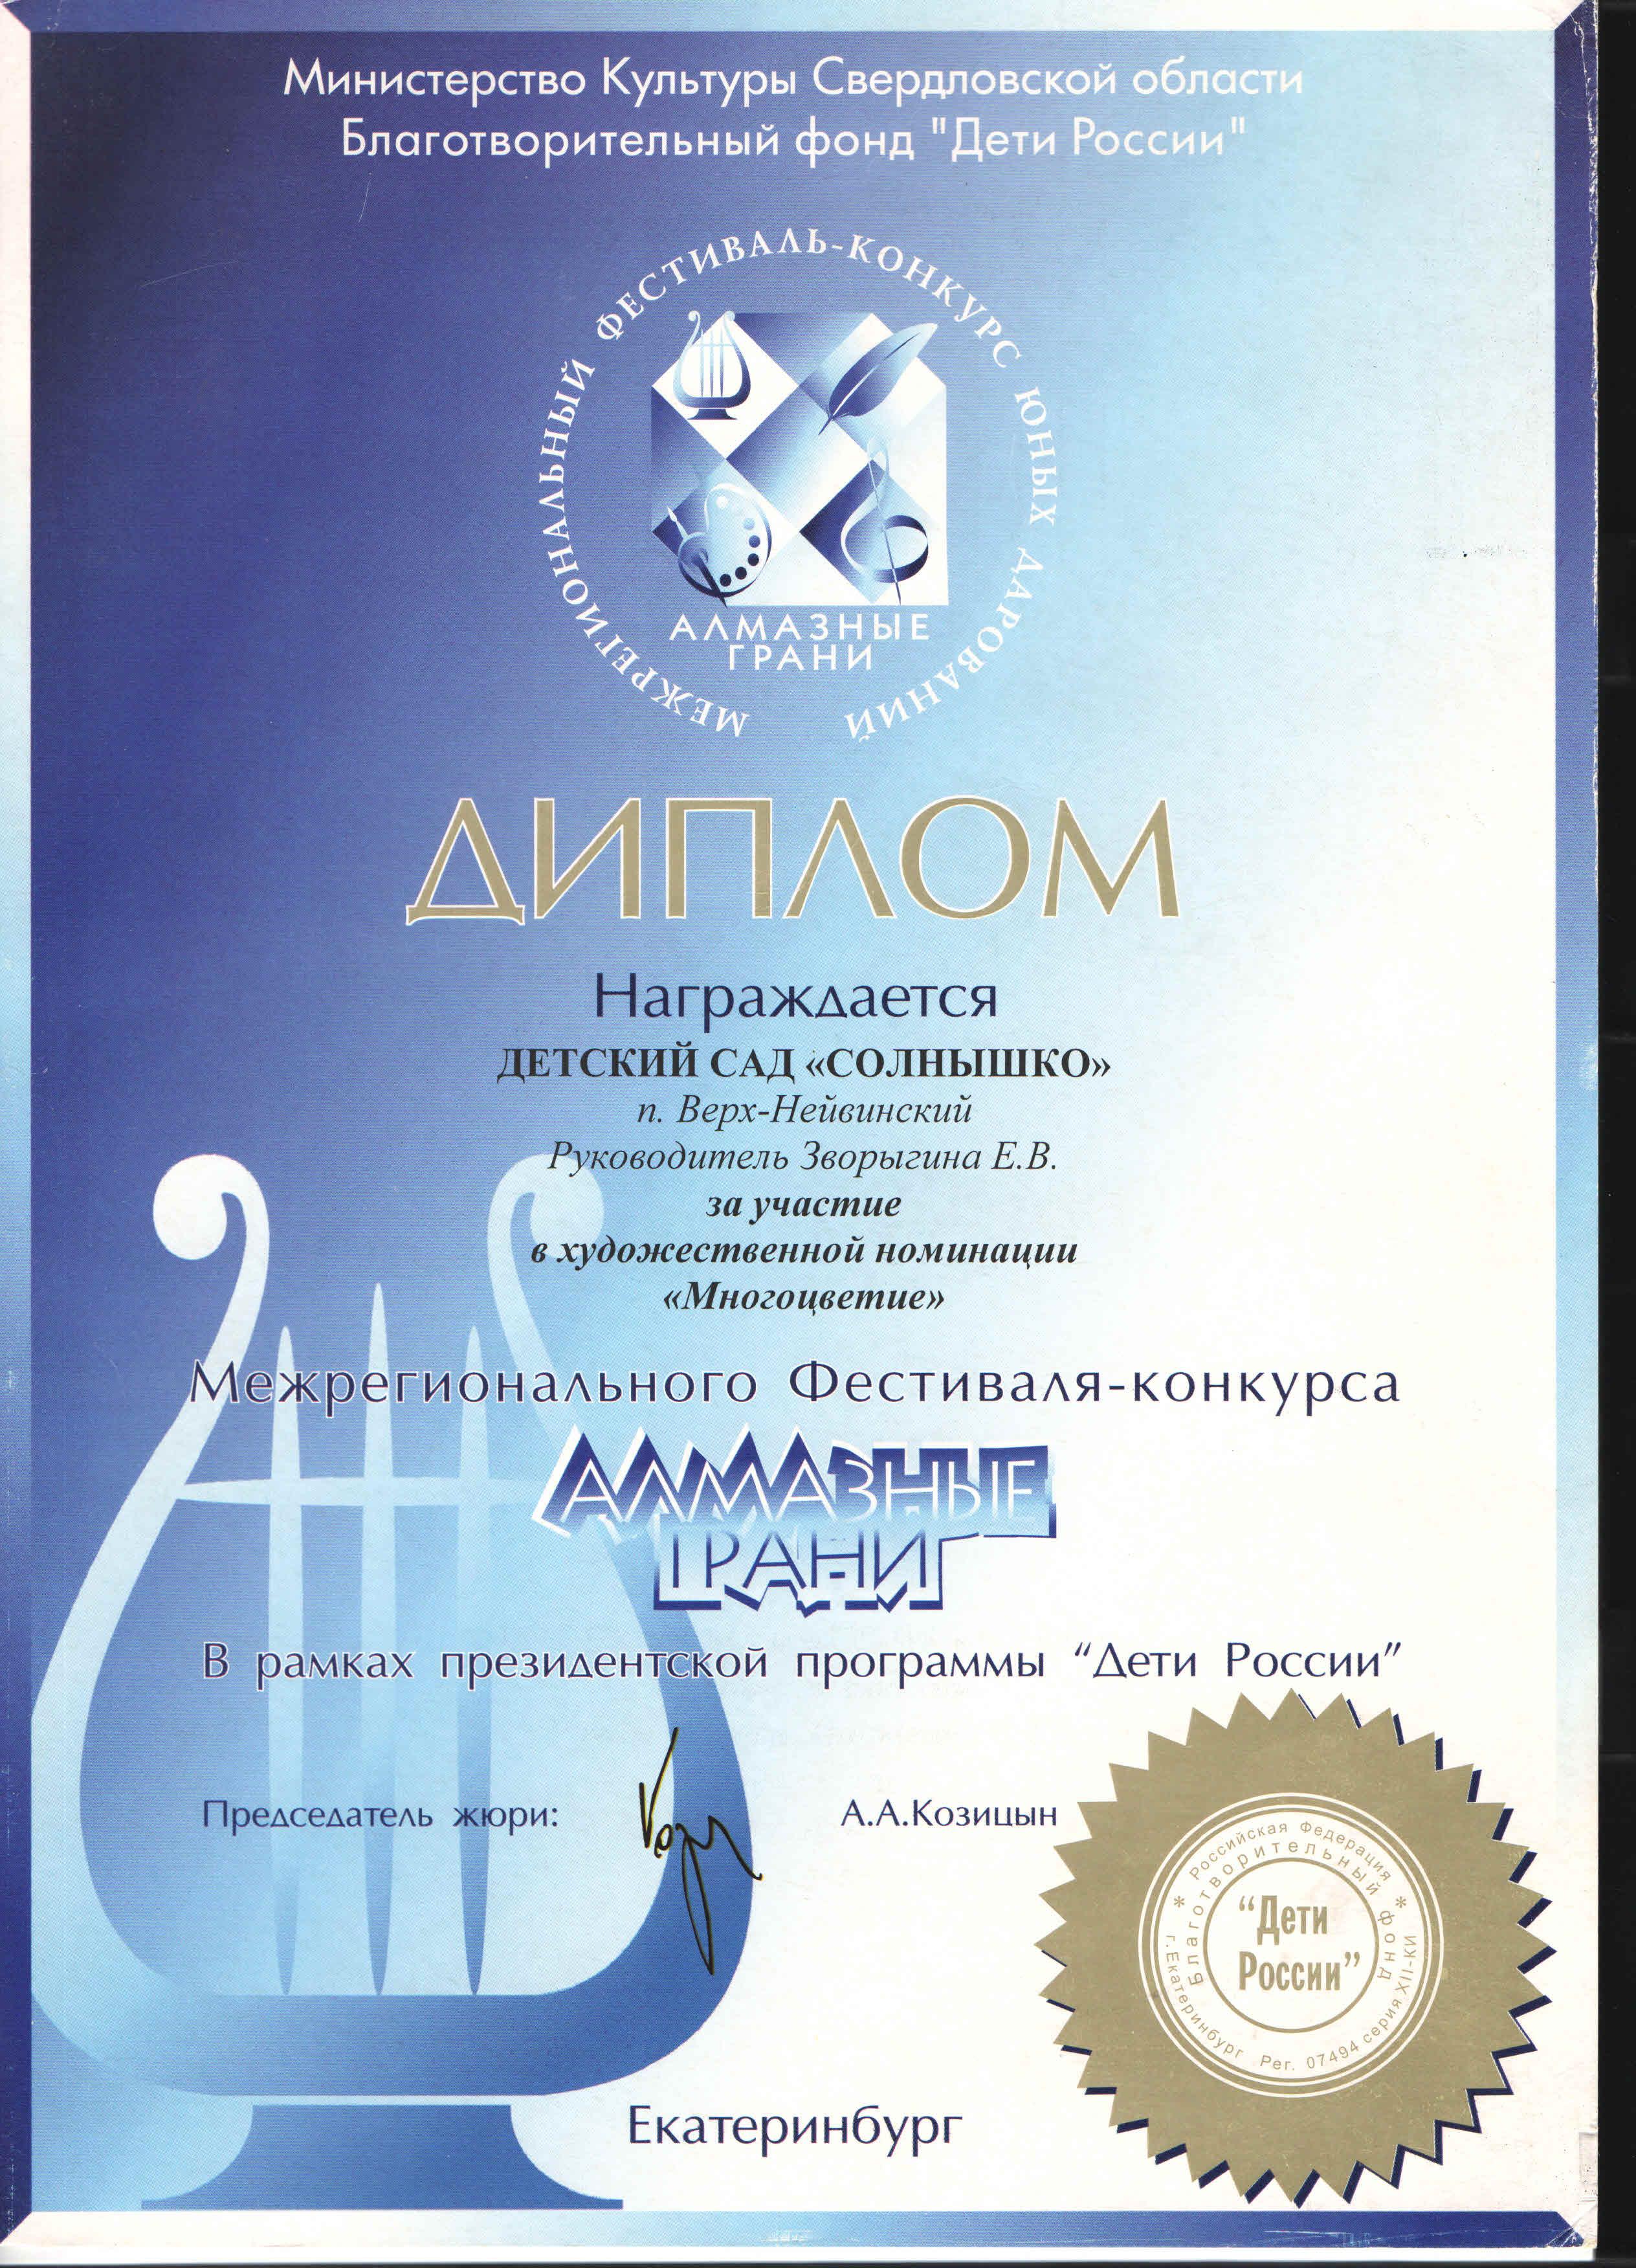 Алмазные грани фестиваль конкурс